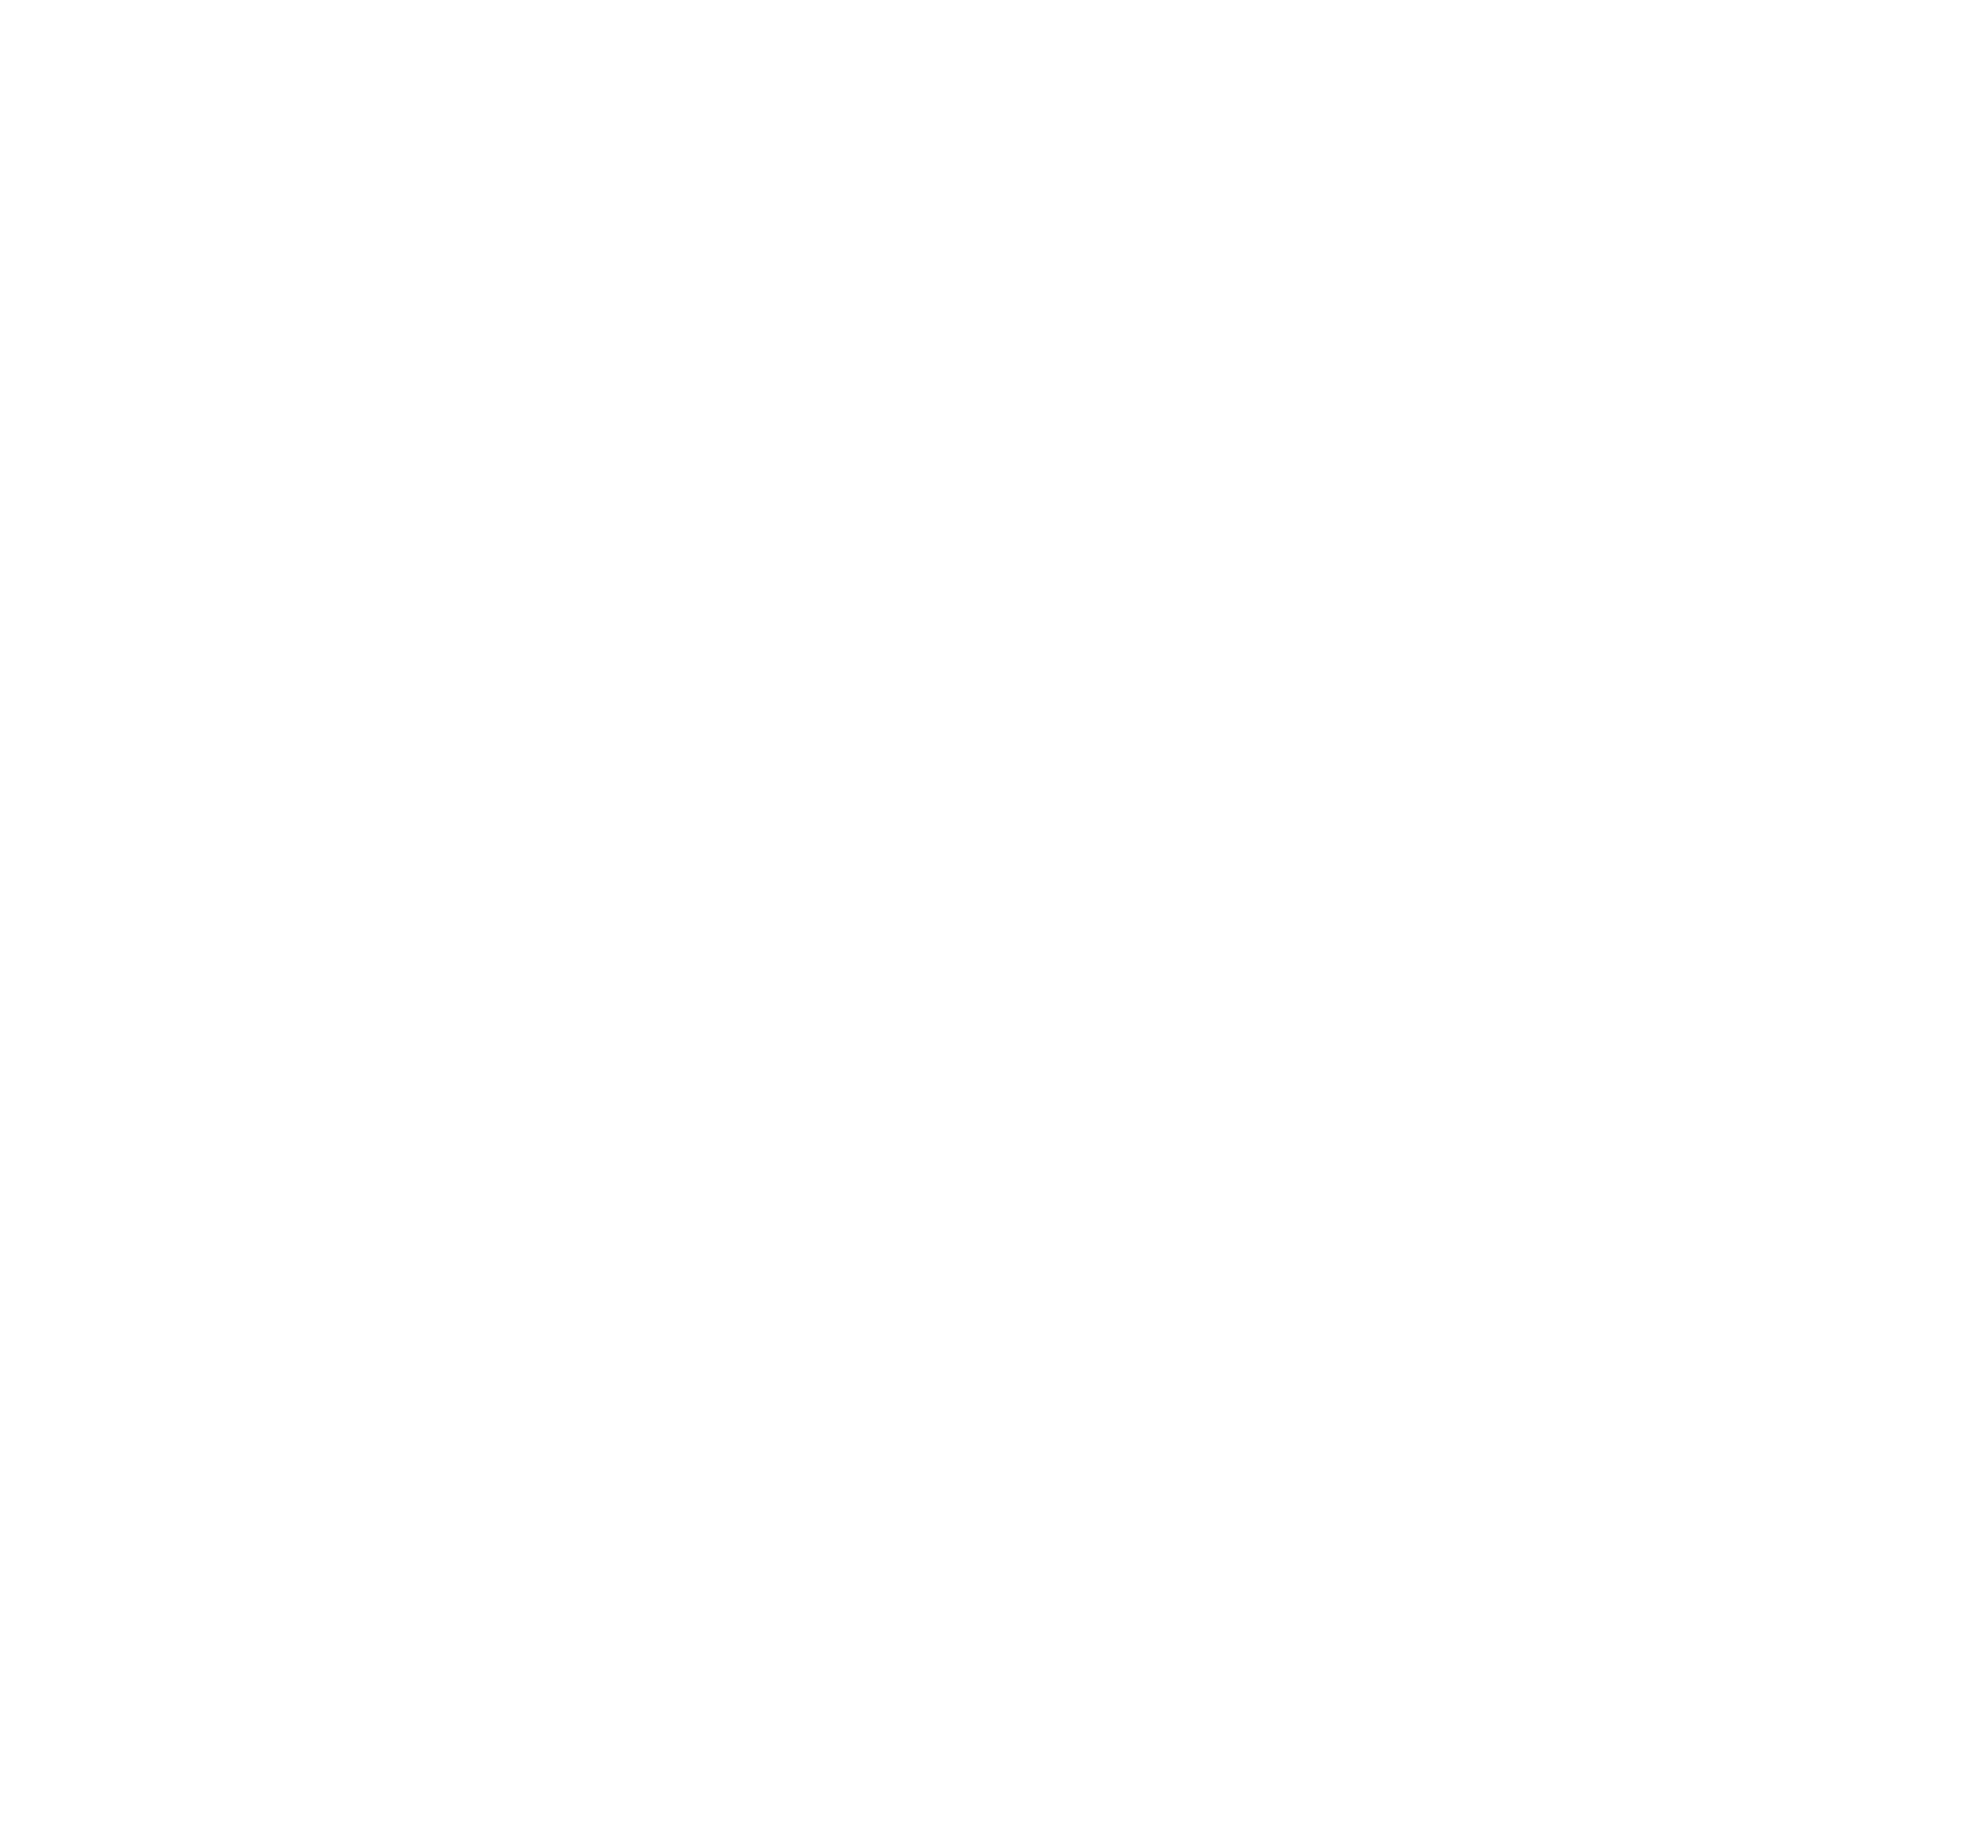 AMUNOCHI